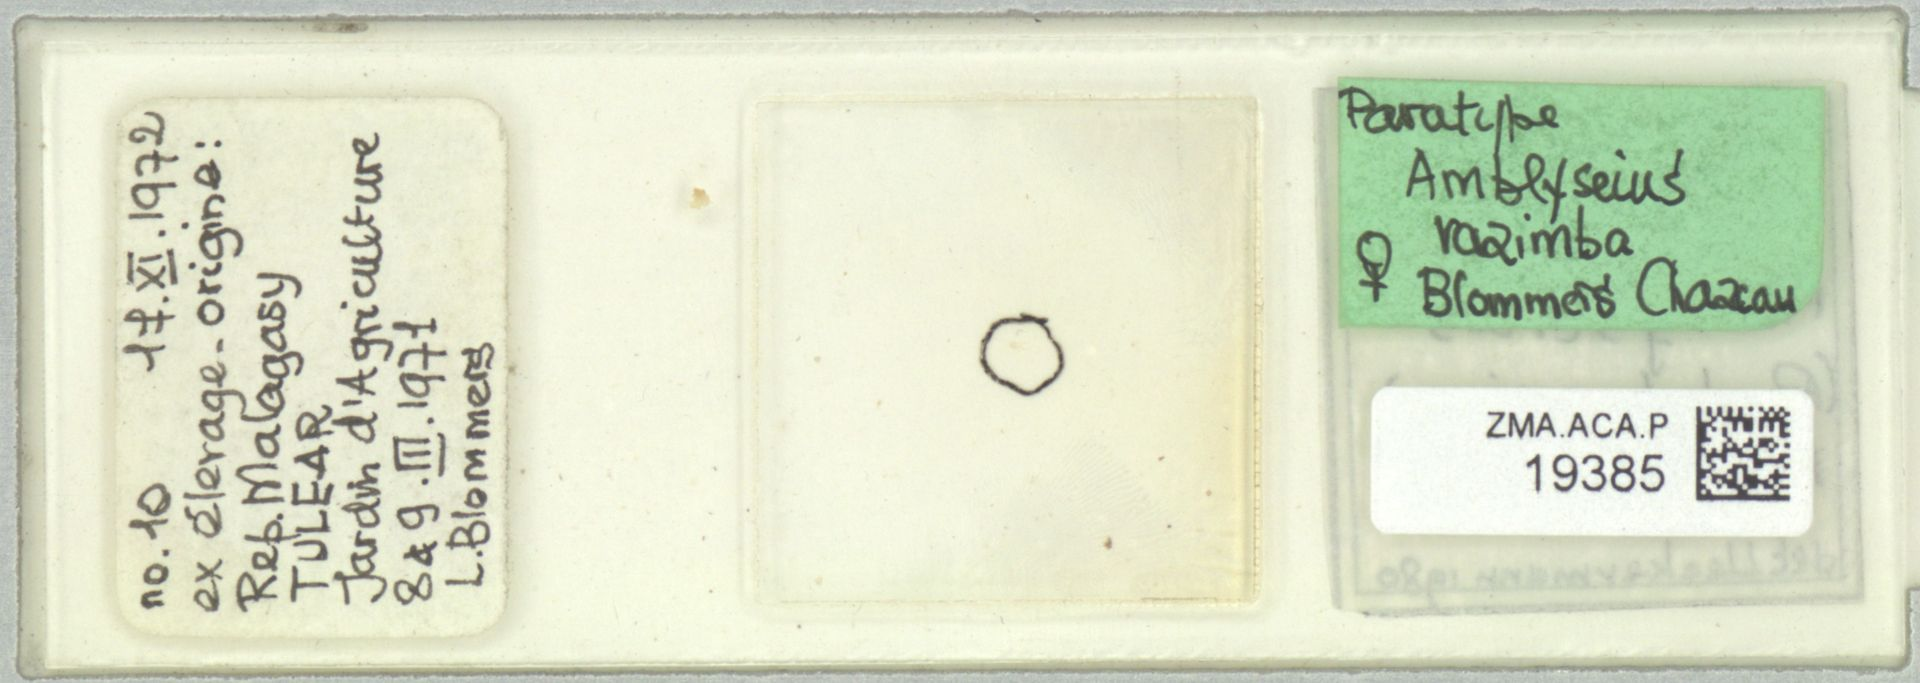 ZMA.ACA.P.19385   Amblyseius razimba Blommers & Chazeau